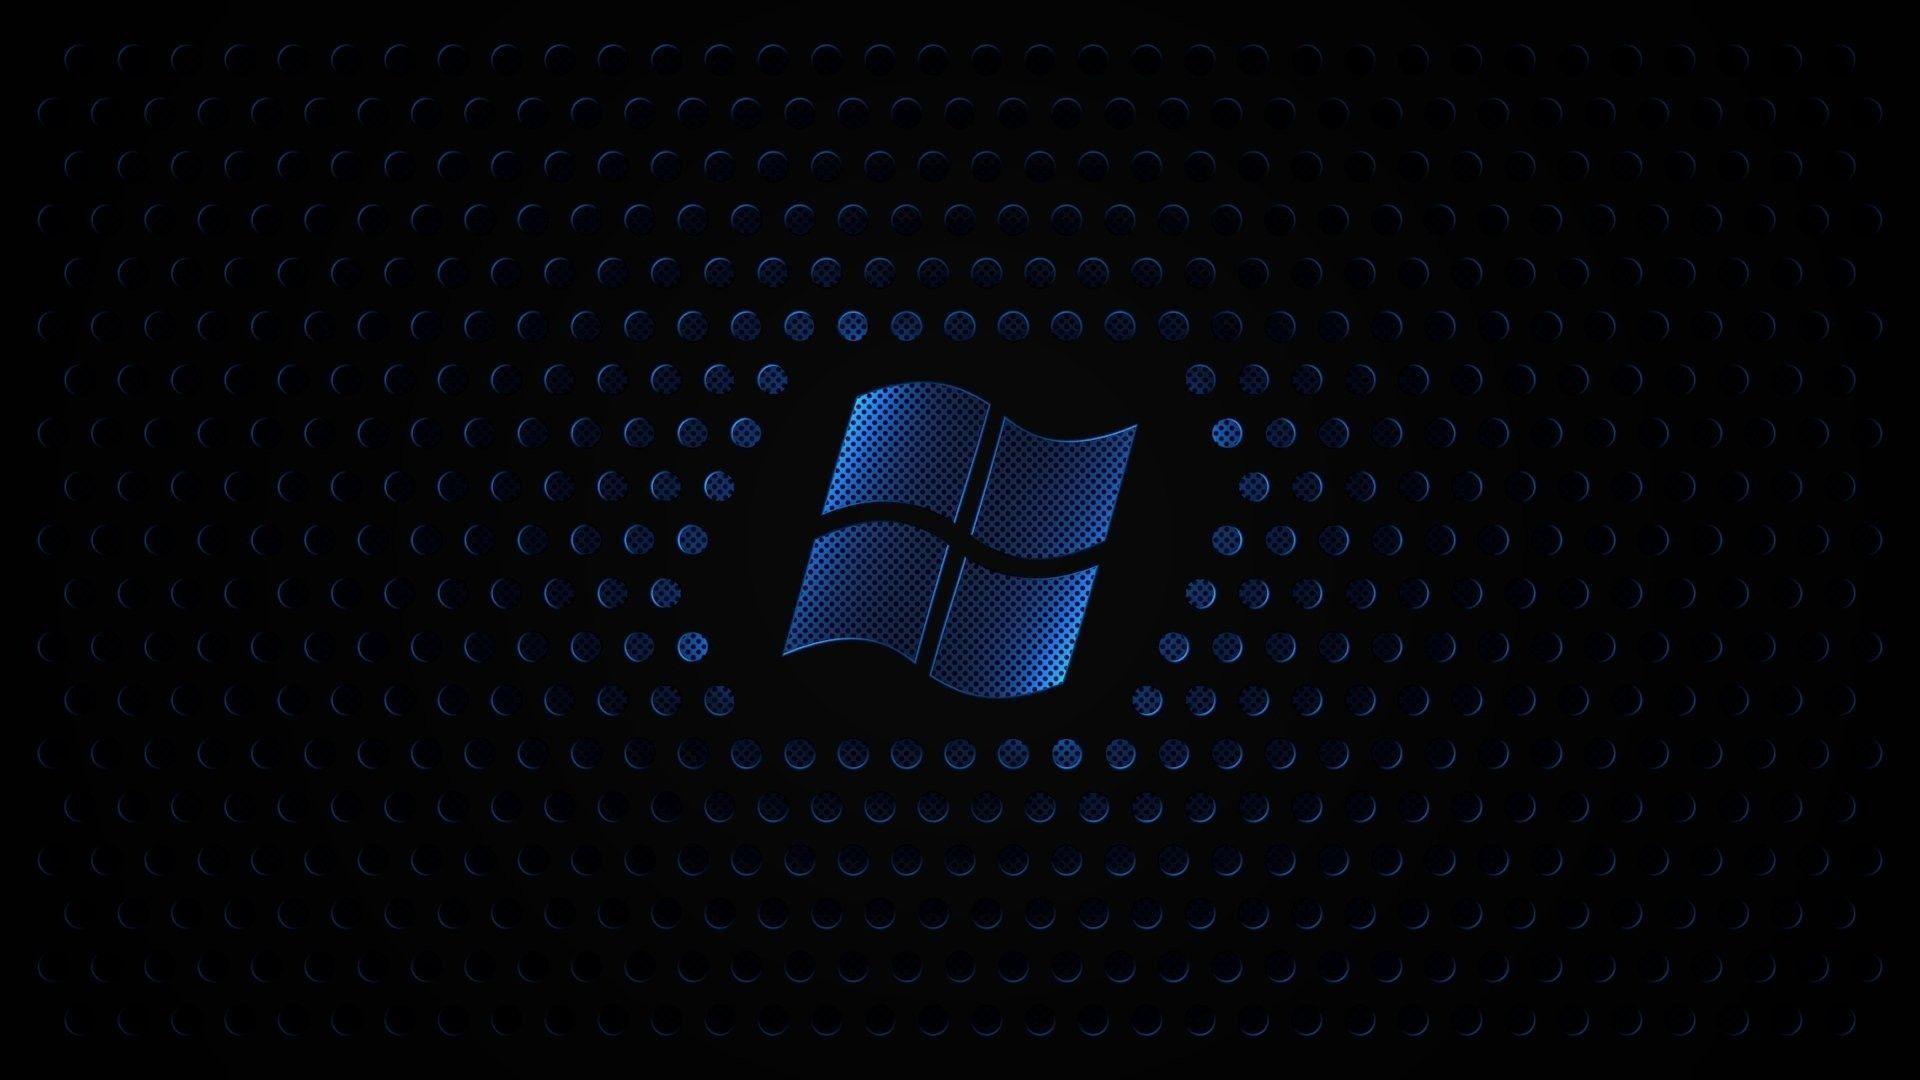 wallpaper hd wallpapers wallpaper for your desktop smartphone tablet 1920x1080